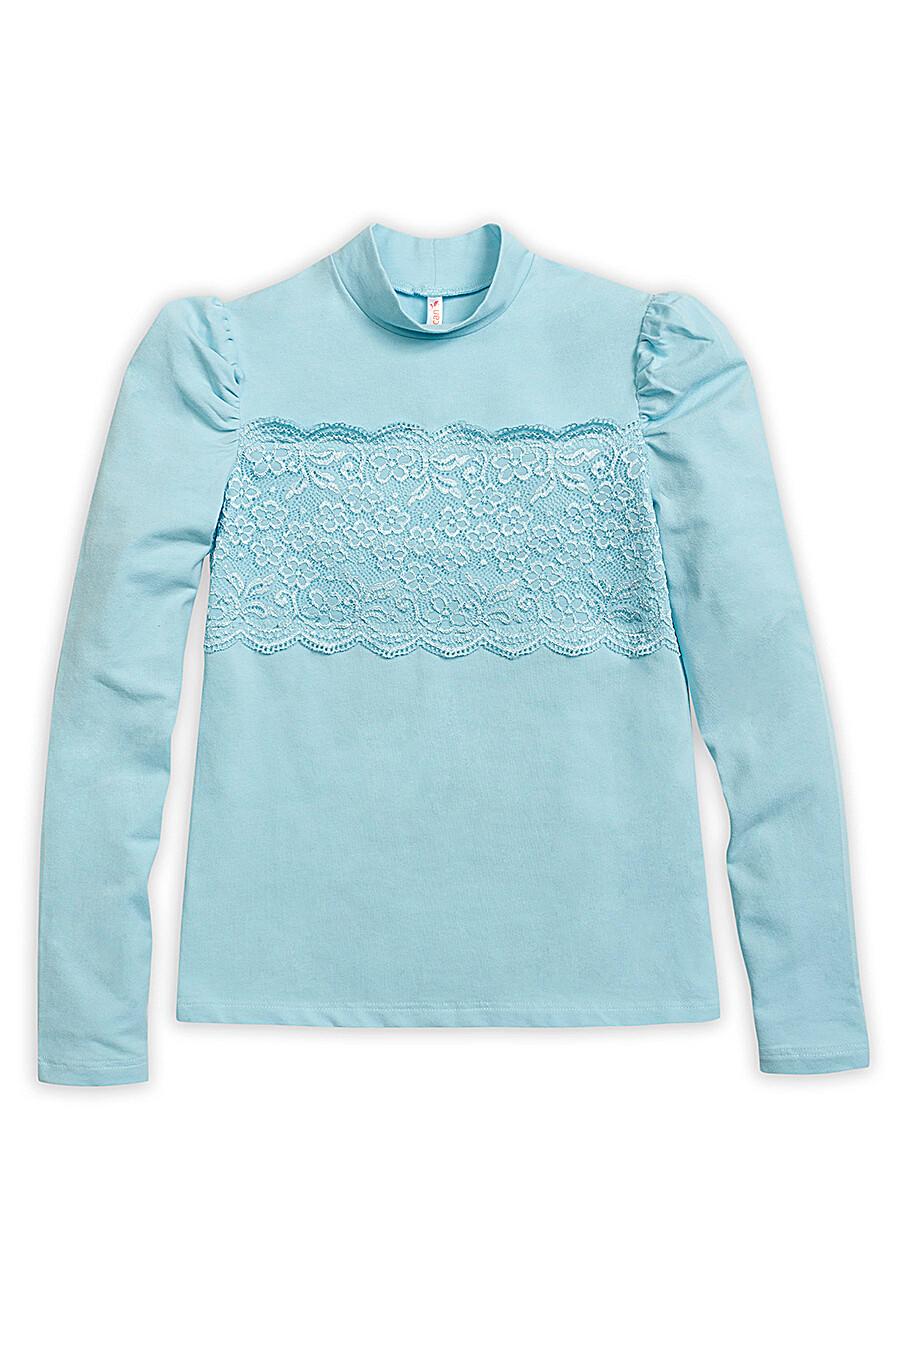 Блузка для девочек PELICAN 218565 купить оптом от производителя. Совместная покупка детской одежды в OptMoyo